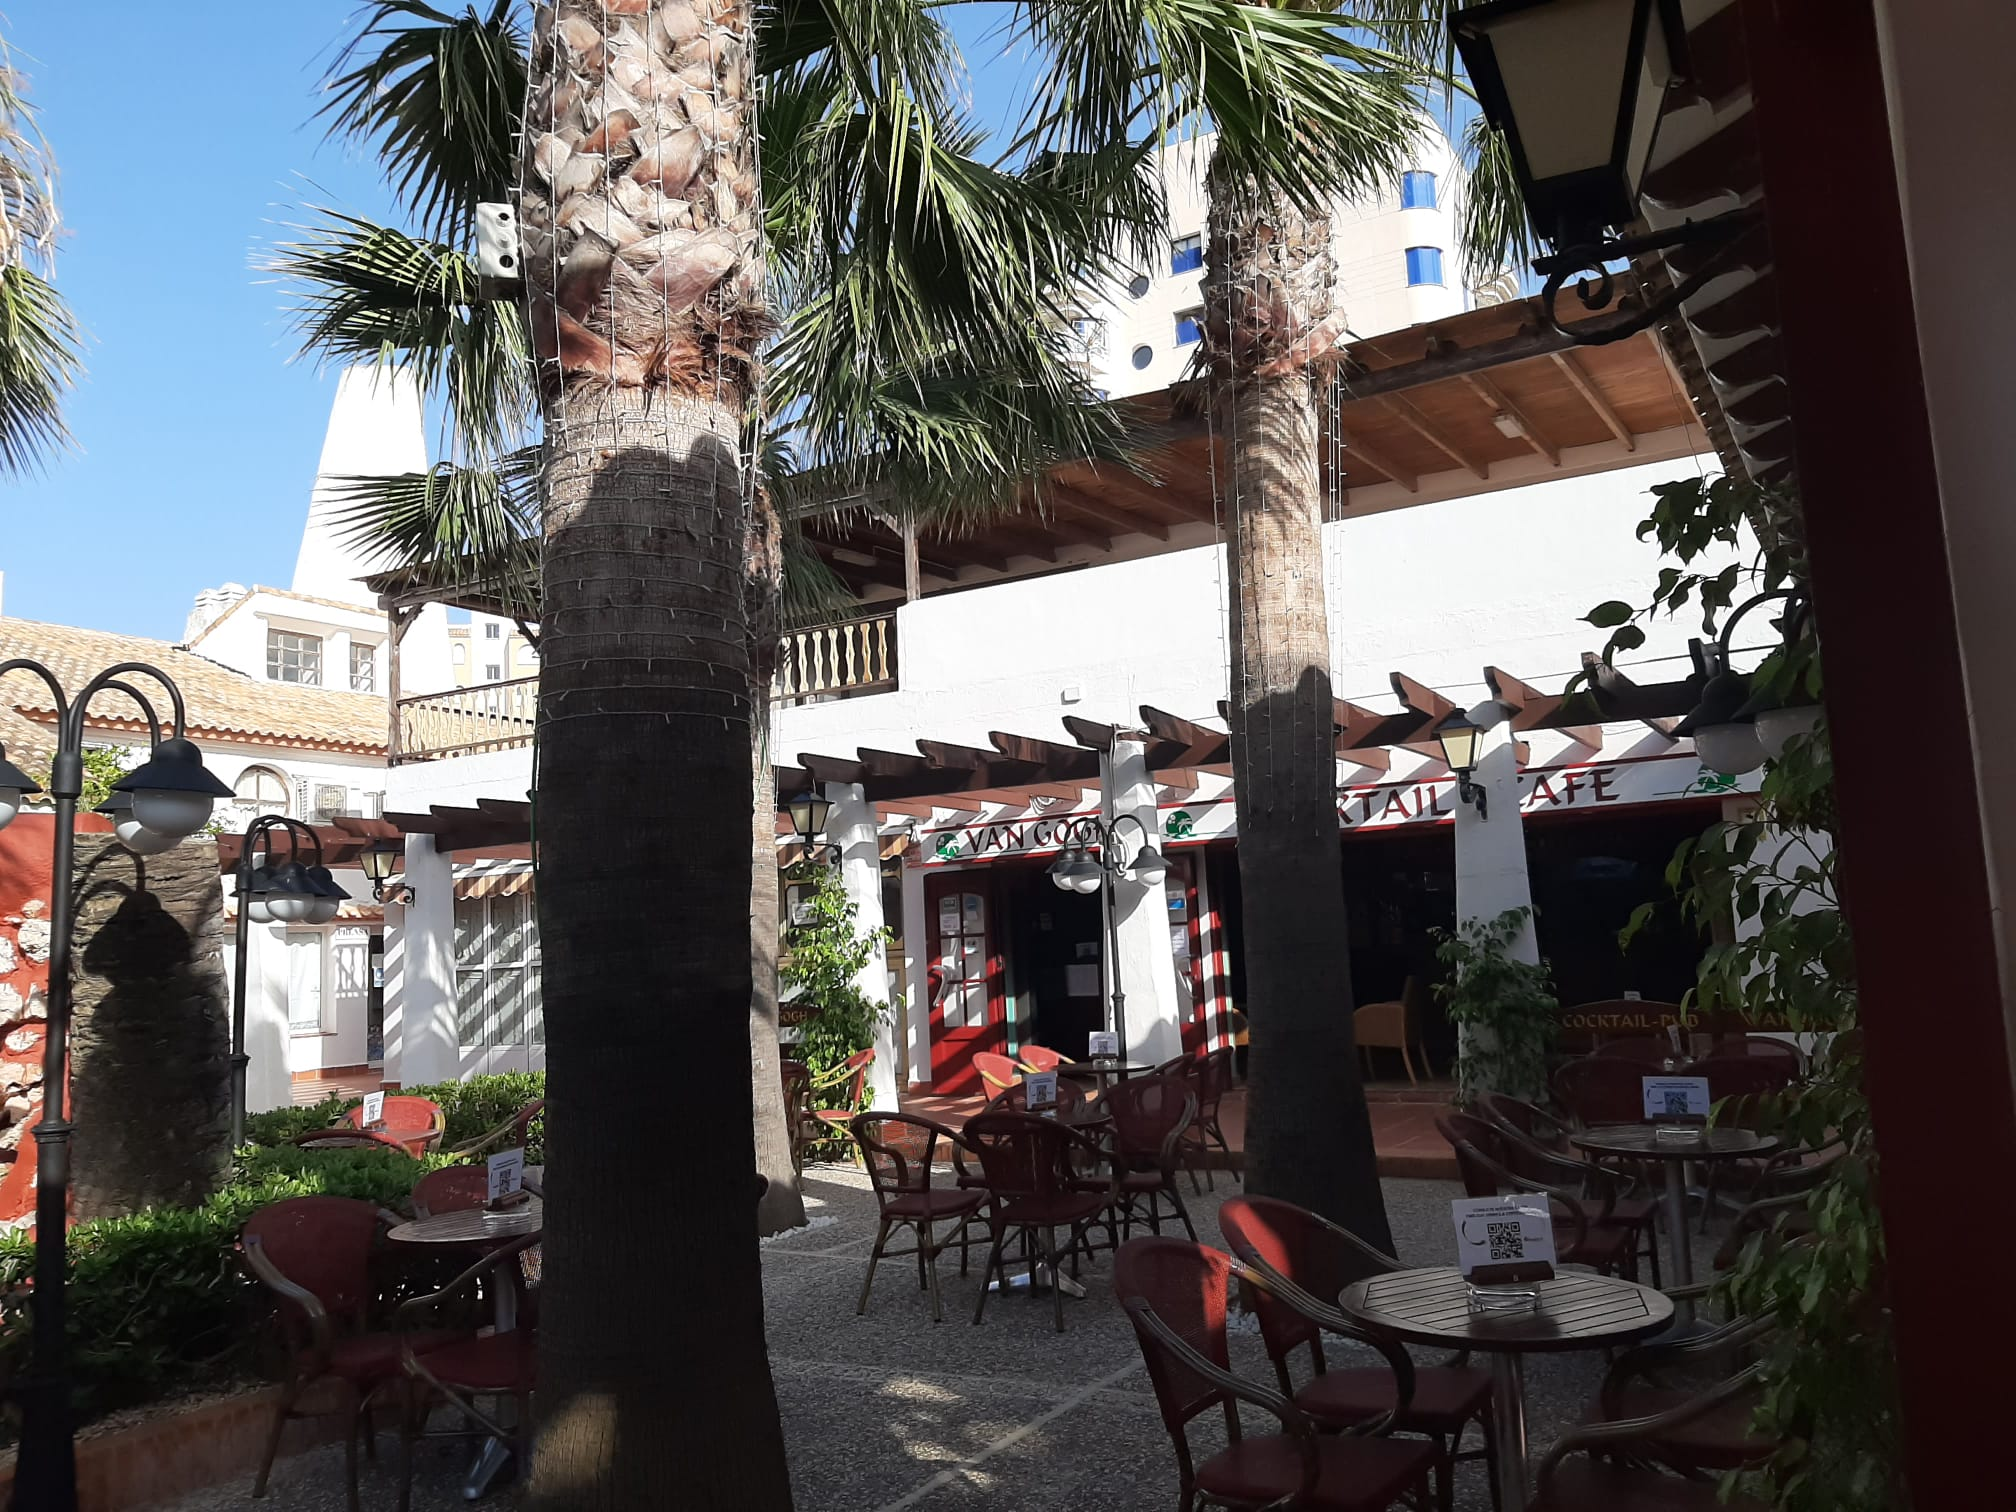 van-gogh-pub-terraza-exterior-fondo-2